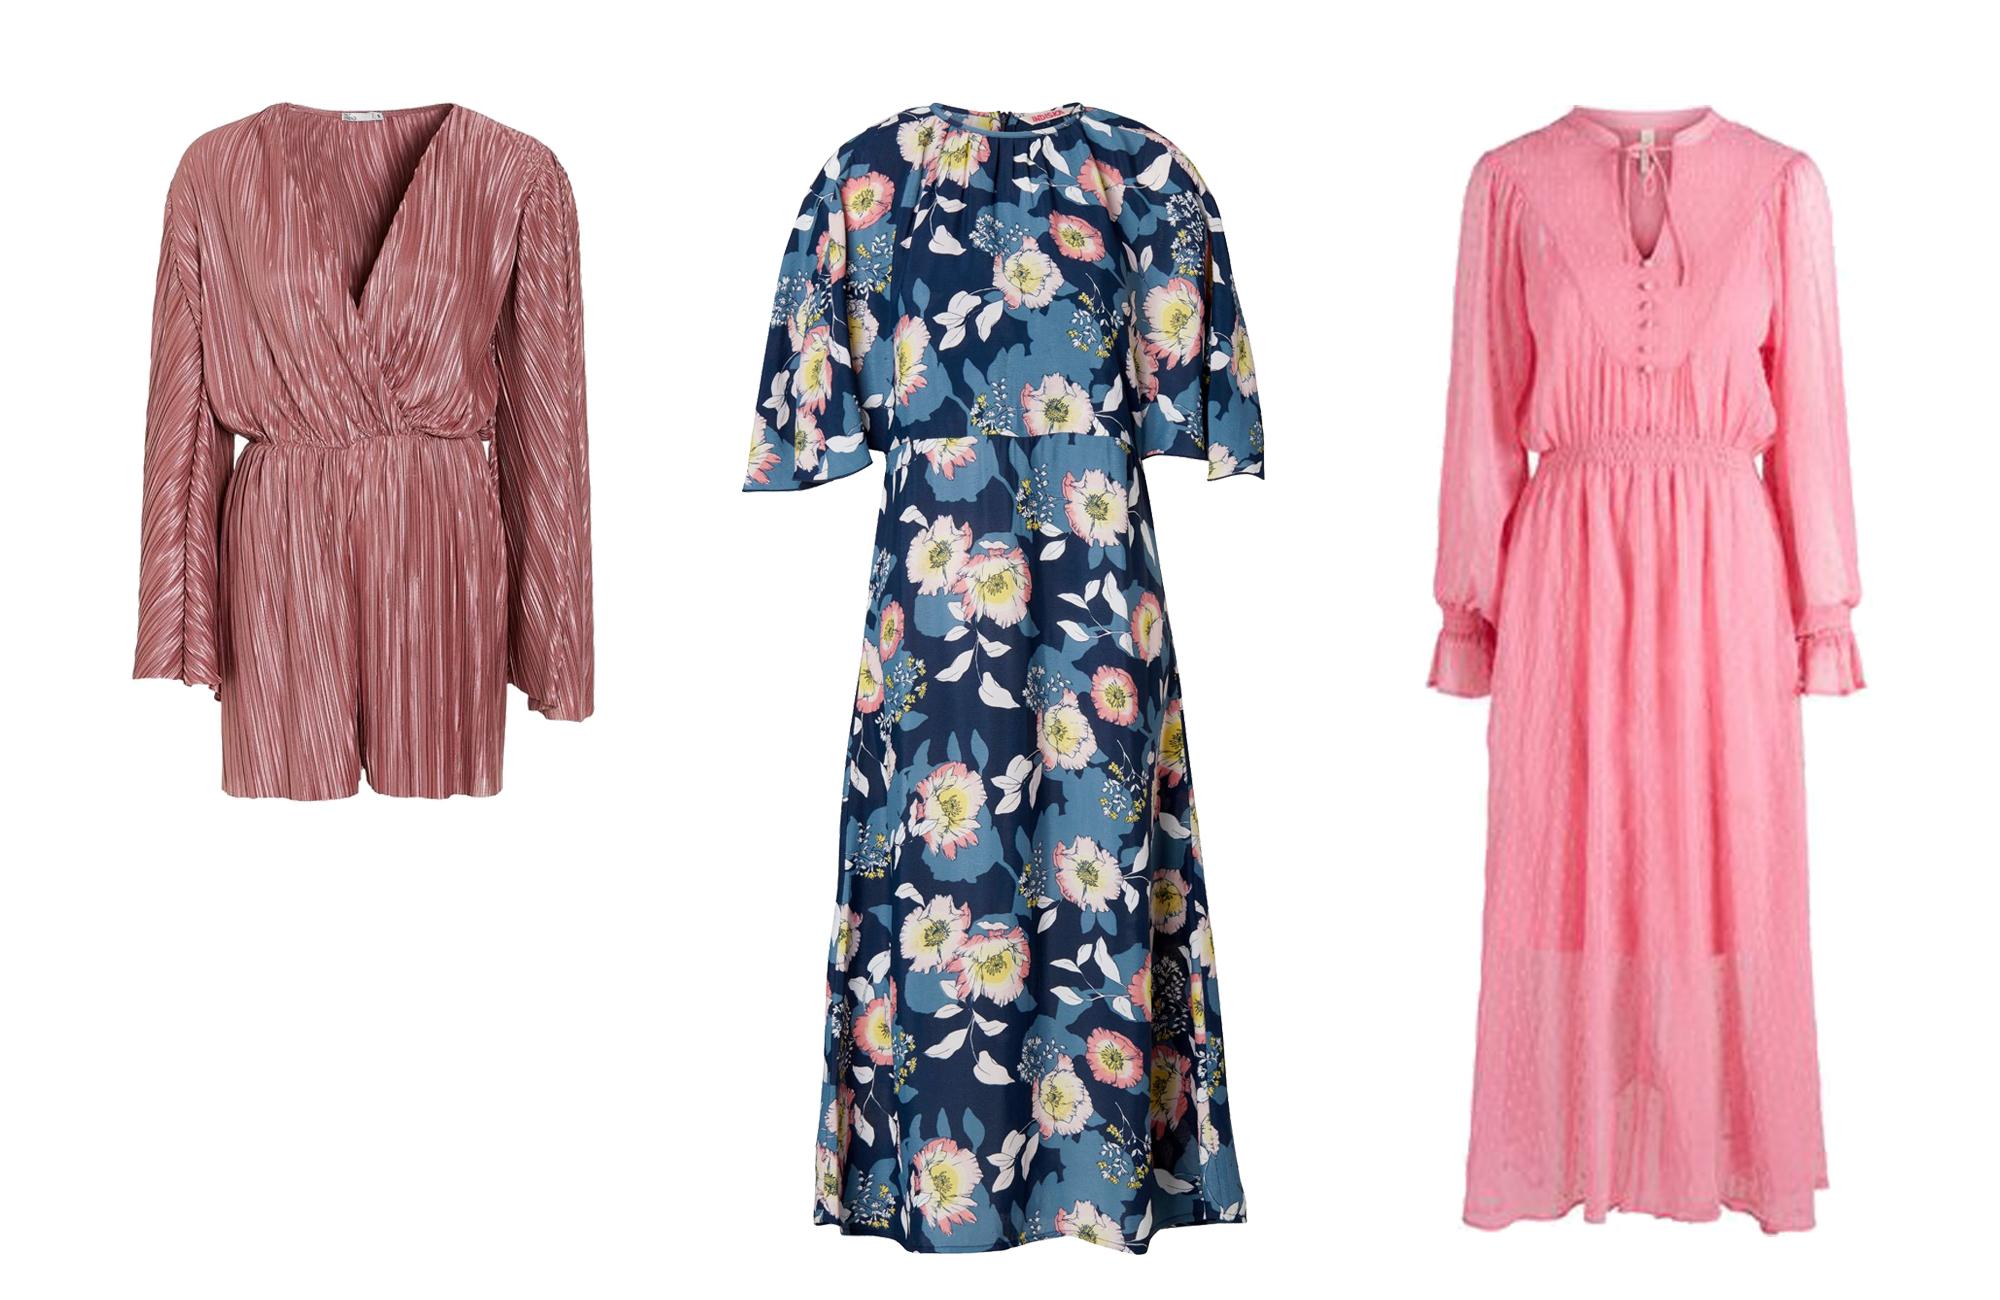 a247d160dafa Knalligt röd jumpsuit från Gina Tricot. Läs mer och köp här. 11. Prickig  klänning med volanger från Lindex. Läs mer och köp här. 12. Blommig  jumpsuit från ...